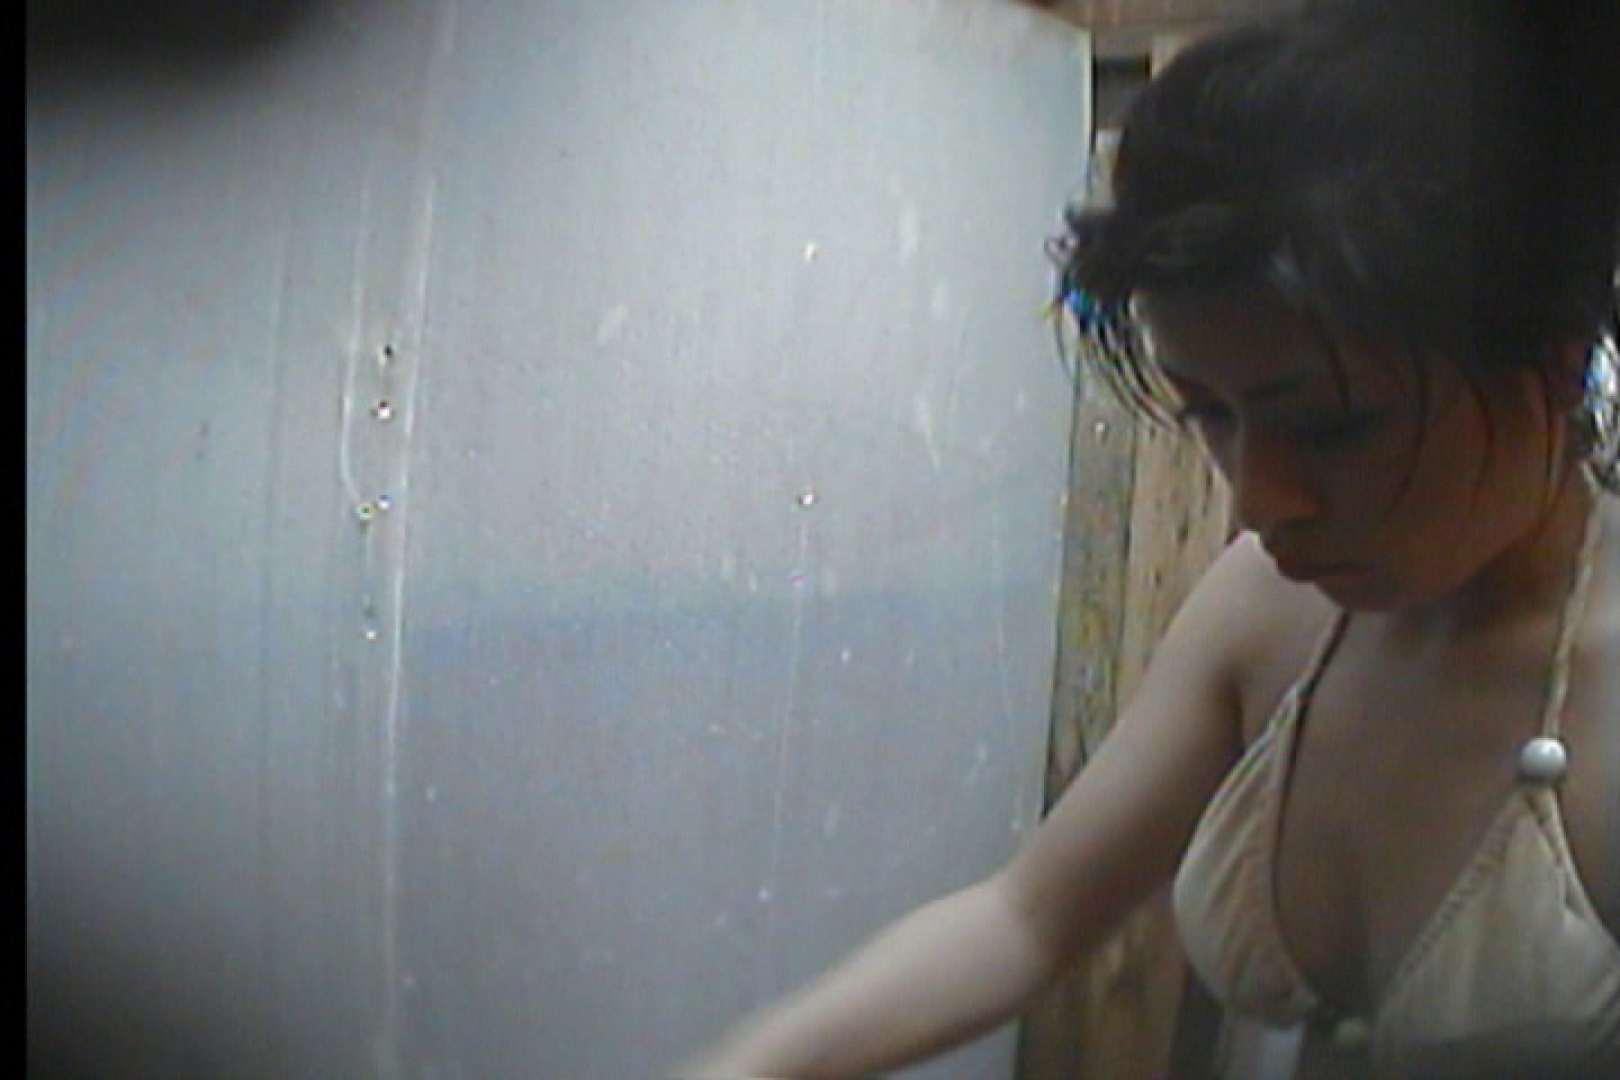 海の家の更衣室 Vol.19 シャワー おめこ無修正画像 56画像 46